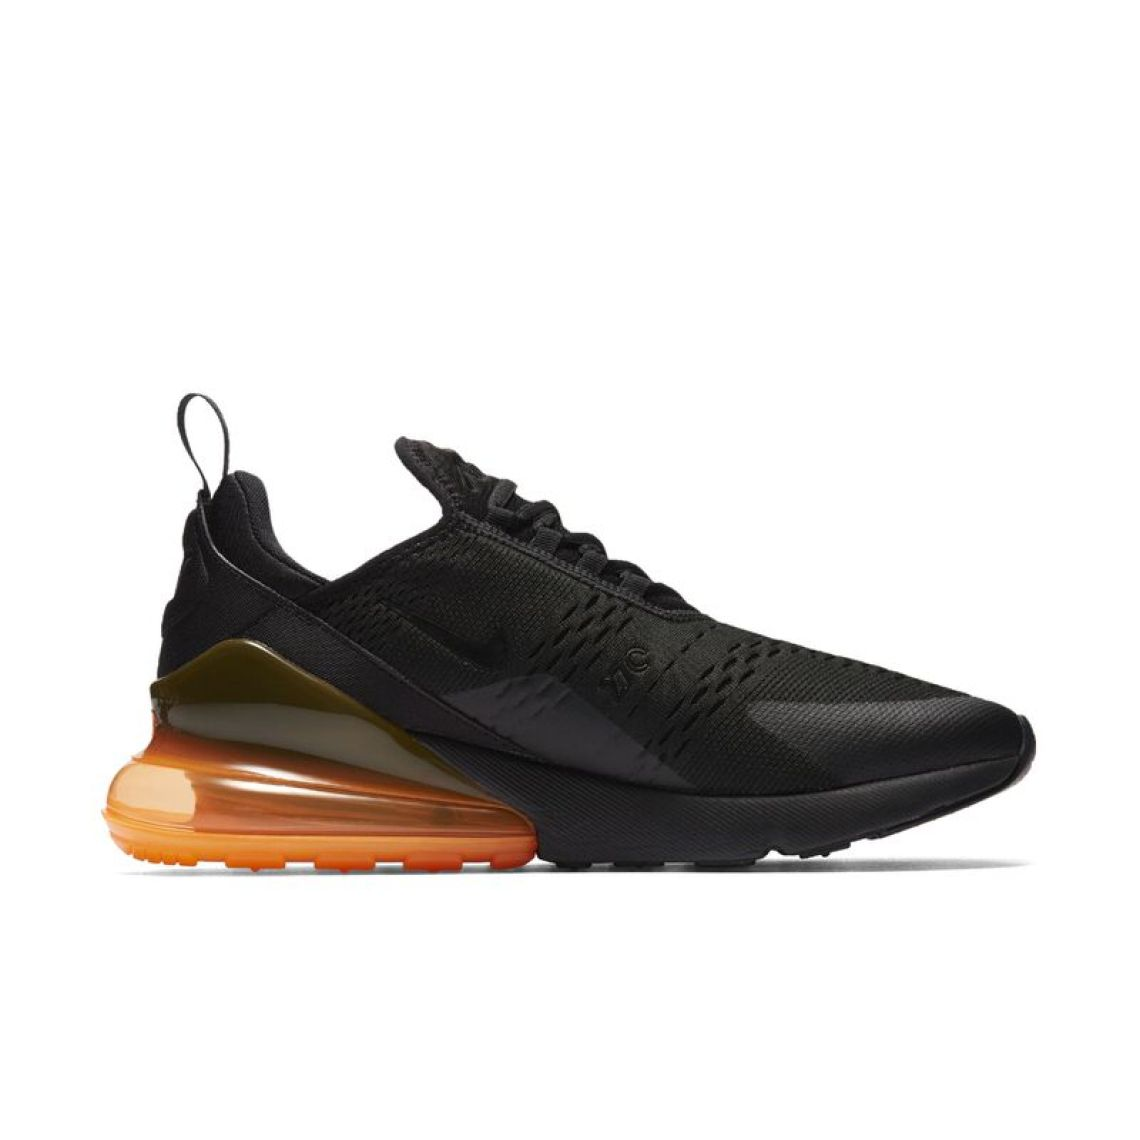 Nike Air Max 270 Black/Total Orange